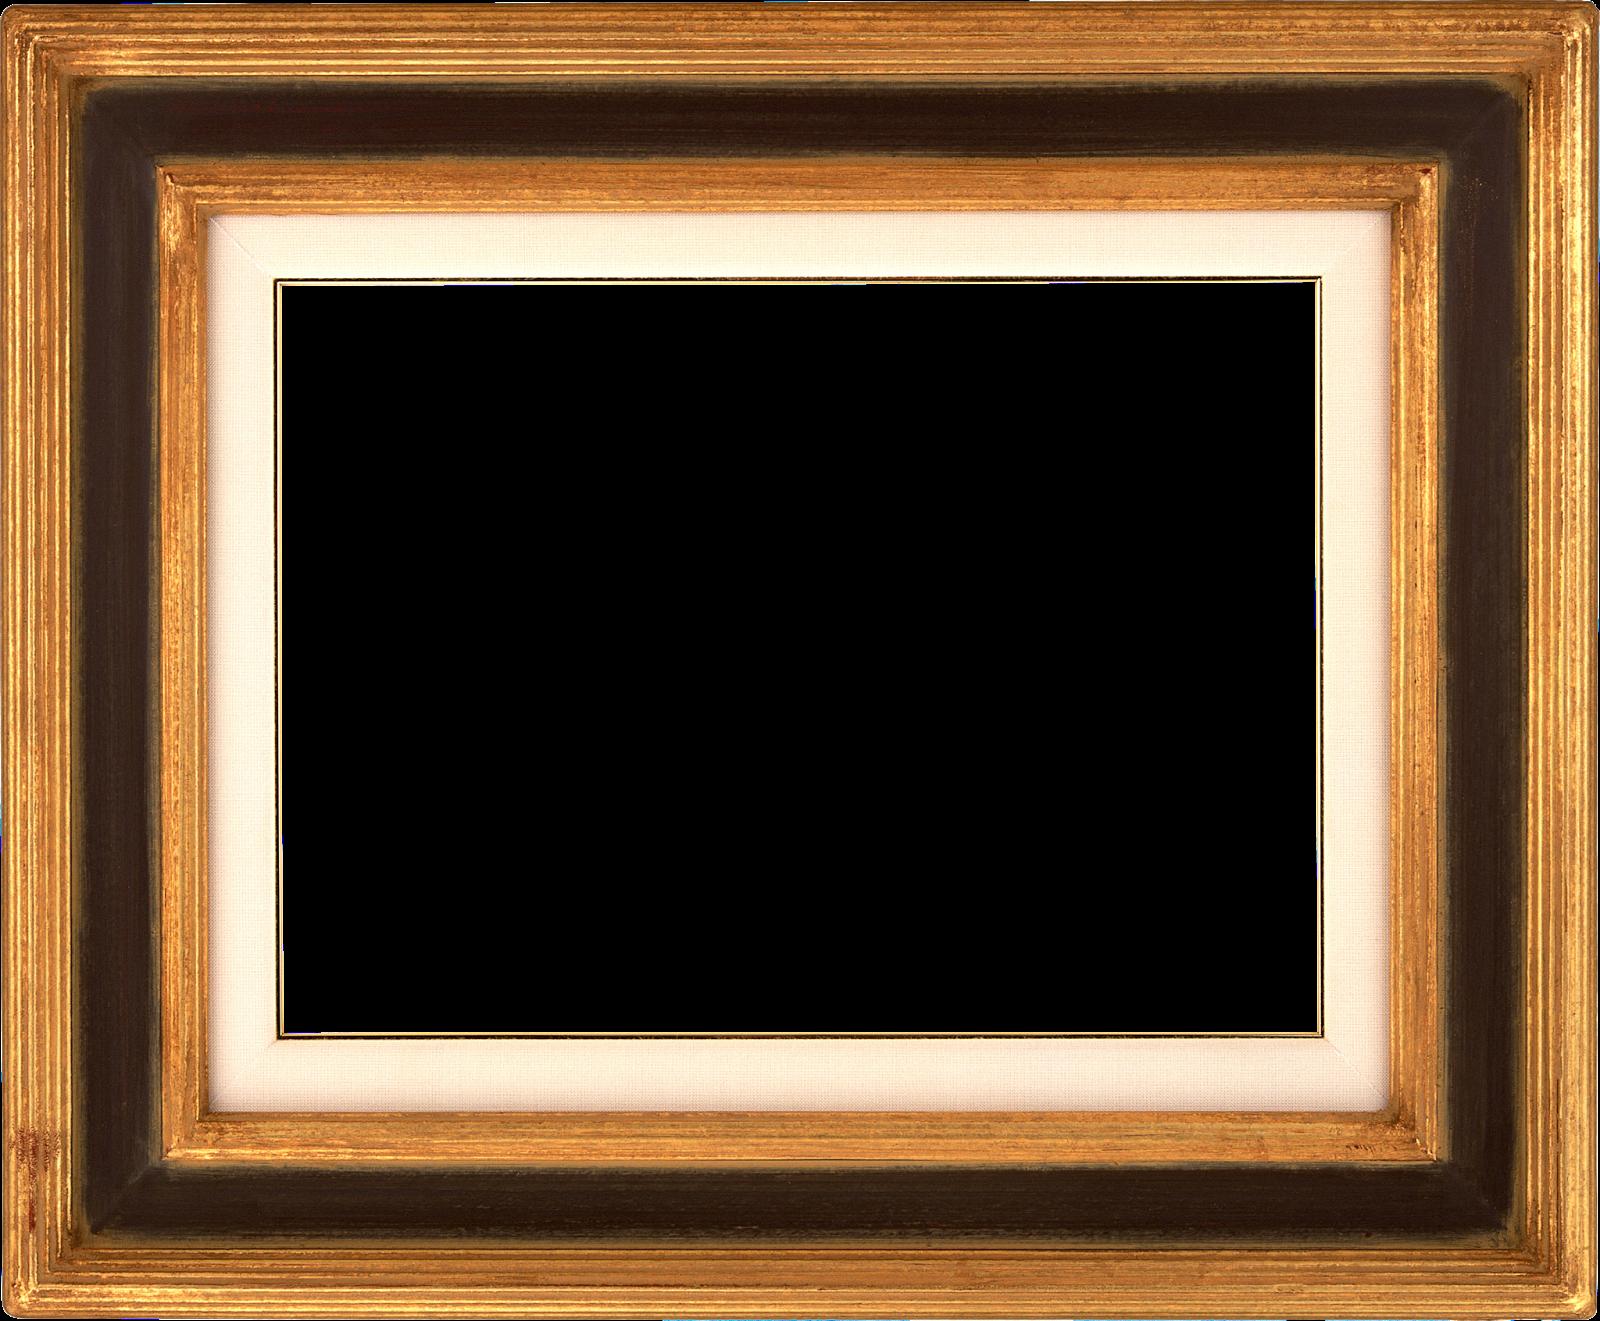 Marcos para fotos de madera fondos de pantalla y mucho m s - Transferir fotos a madera ...